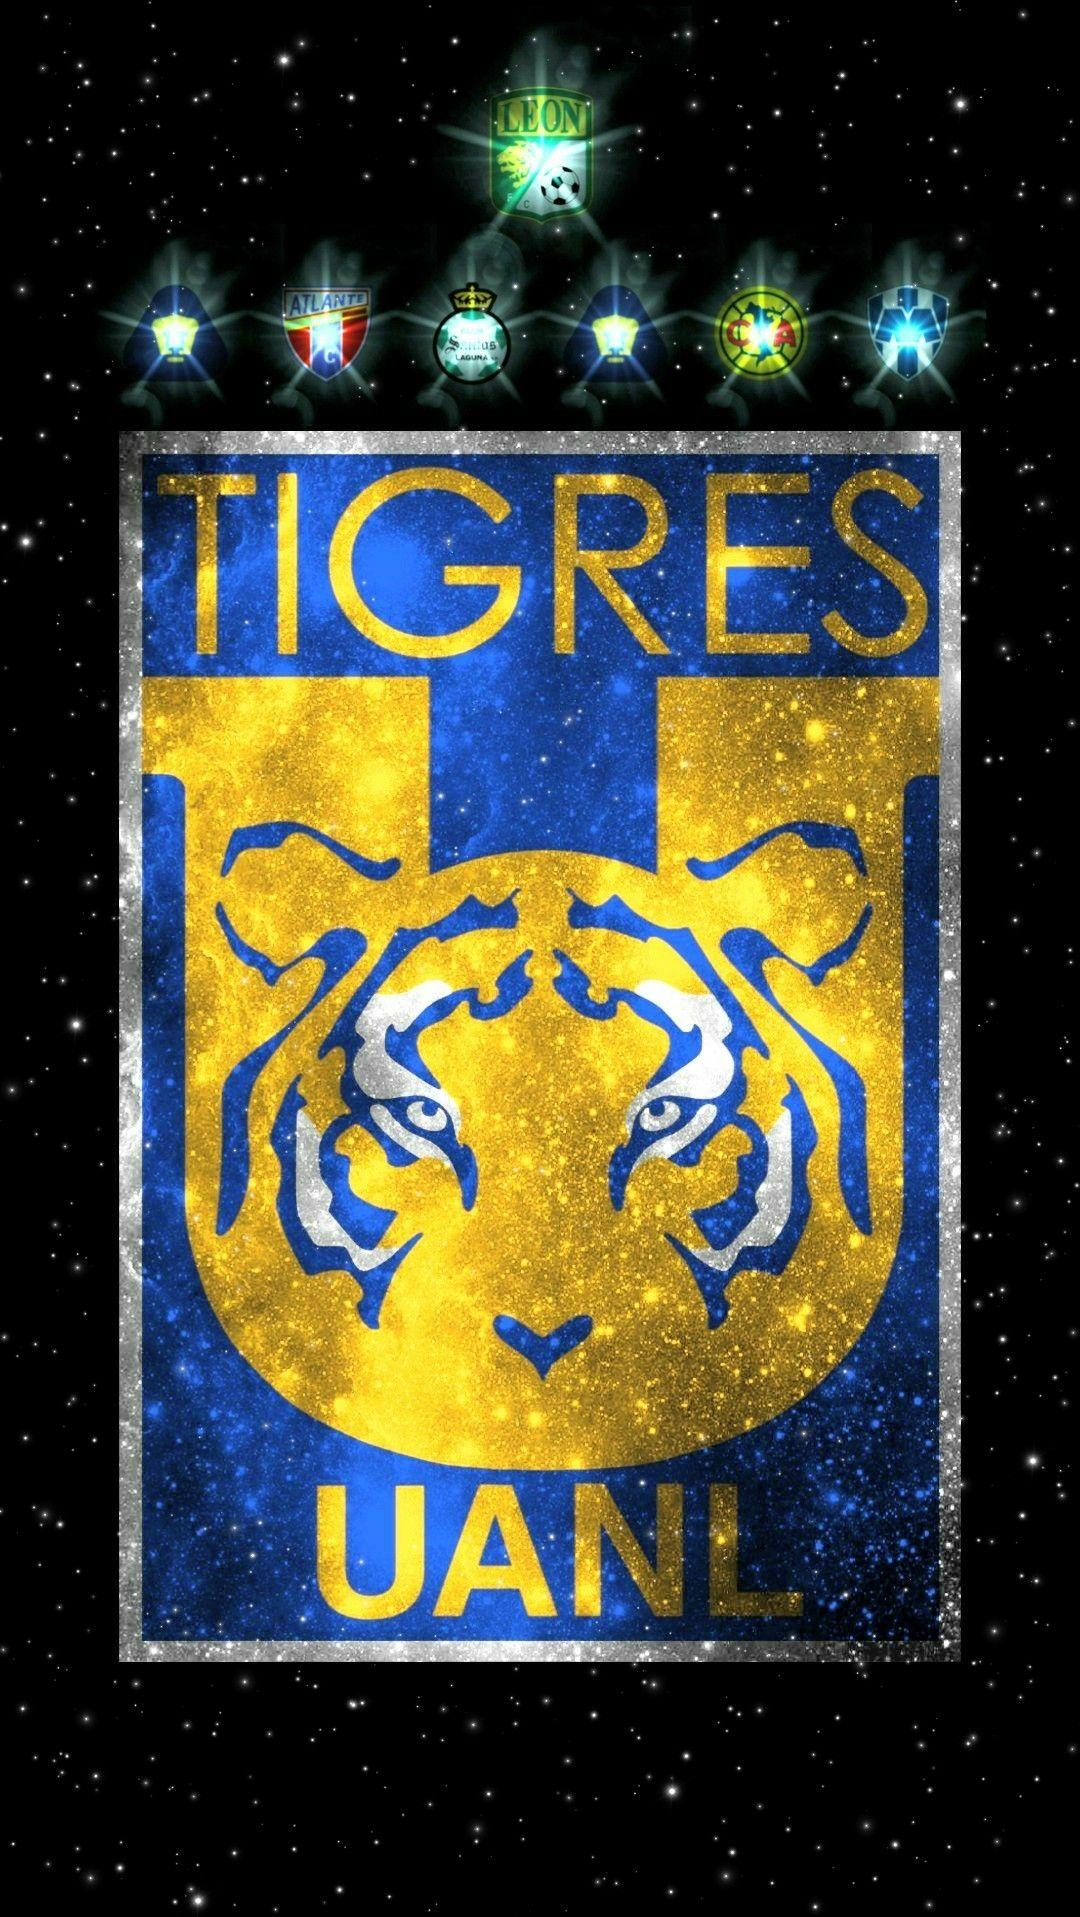 Escudo Tigres 7 Estrellas ( Fondo de Pantalla ) Imagenes